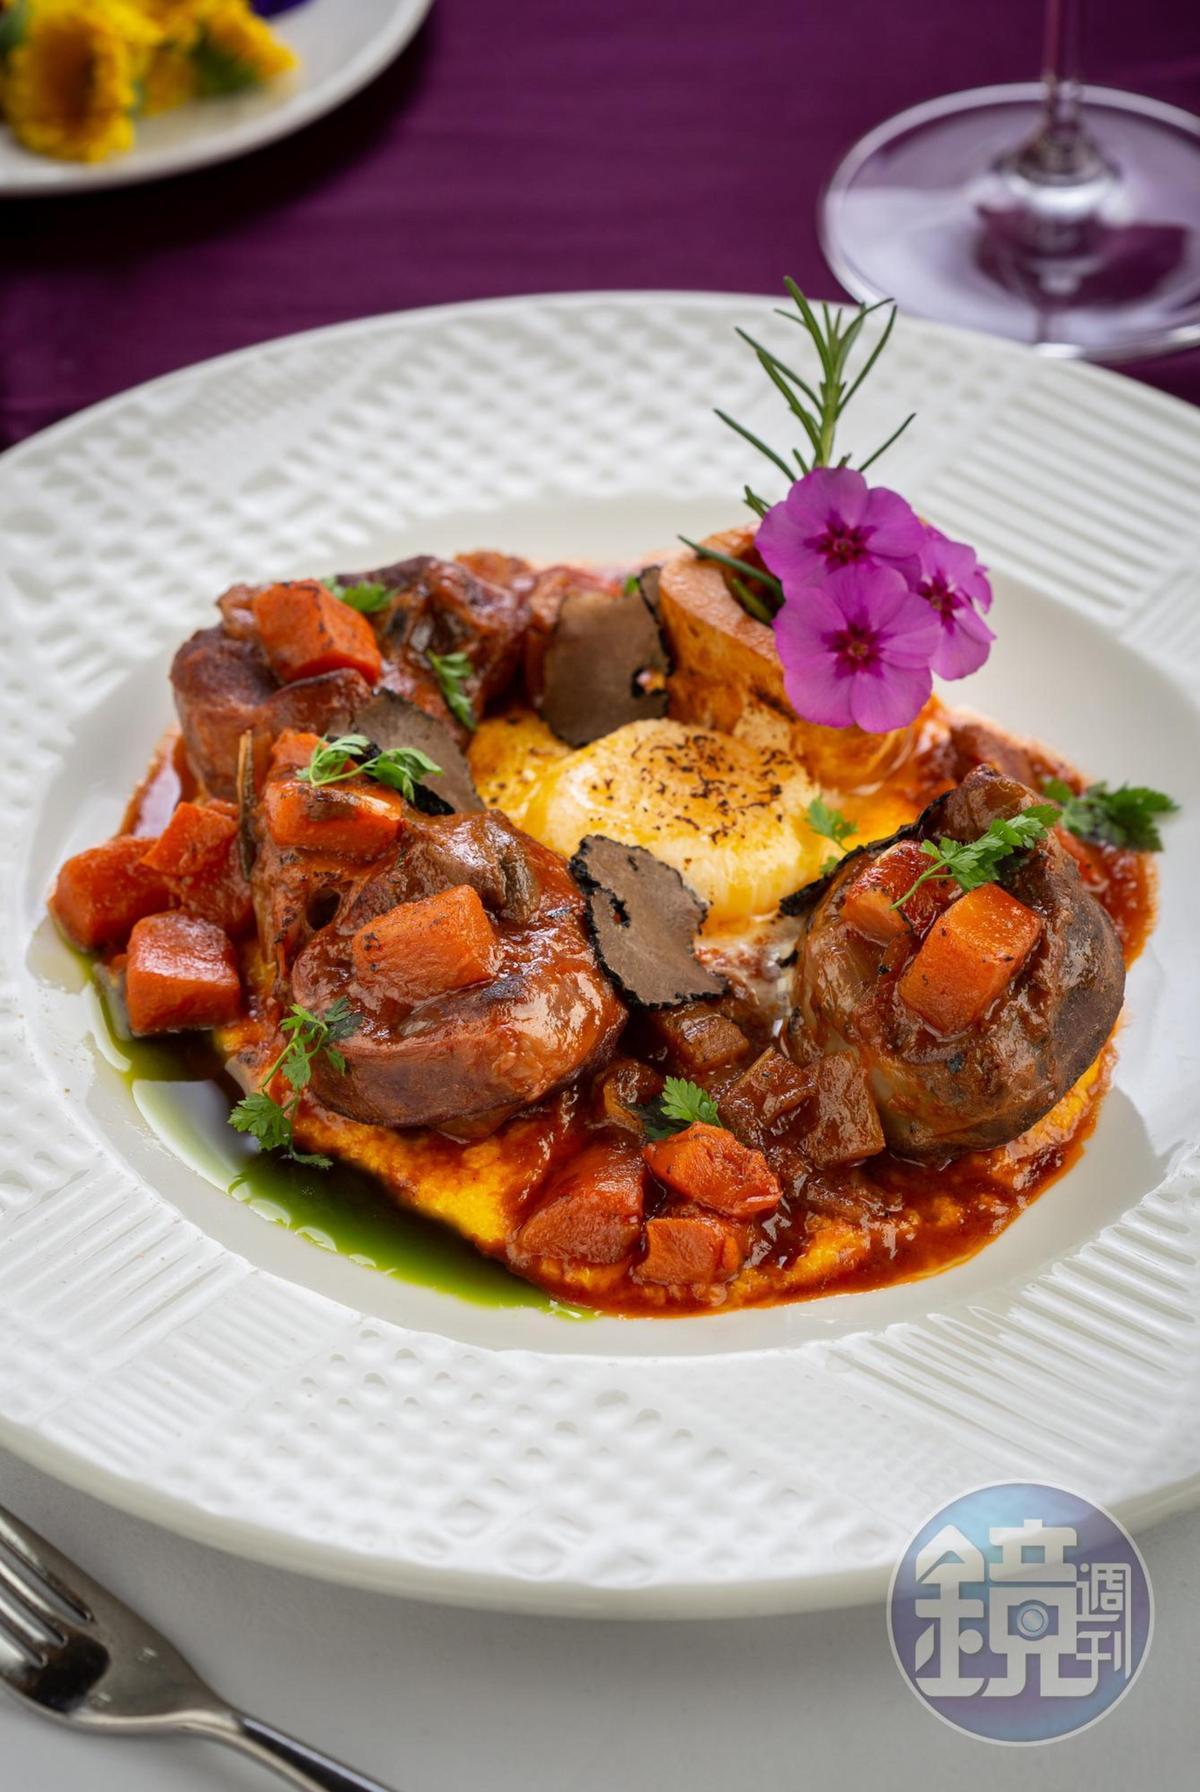 「紅酒慢燉小牛膝佐玉米糕及新鮮黑松露」花上4到6小時燉煮,將番茄、百里香滲入肉裡。(1,280元/份)